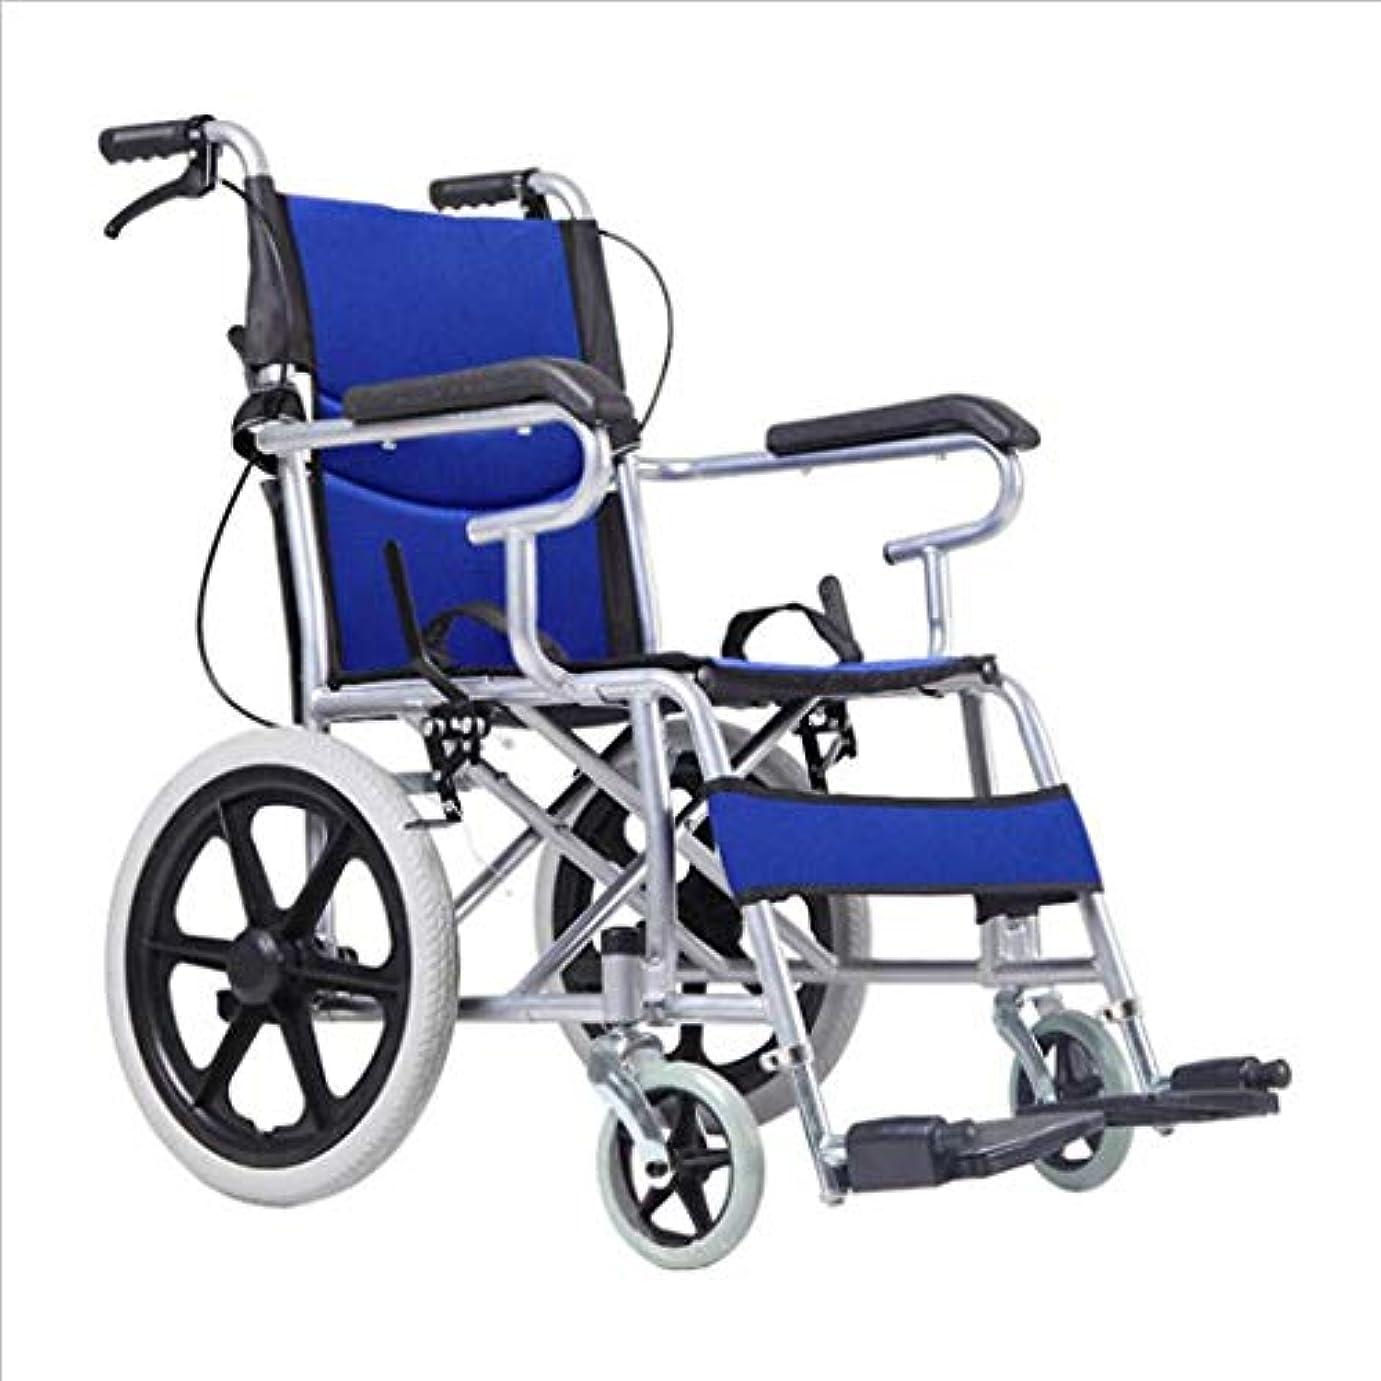 テクトニック運営教科書車椅子折り畳み式ソリッドタイヤ軽量でインフレータブルフリー高齢者身体障害者旅行折り畳み式折り畳み式車椅子